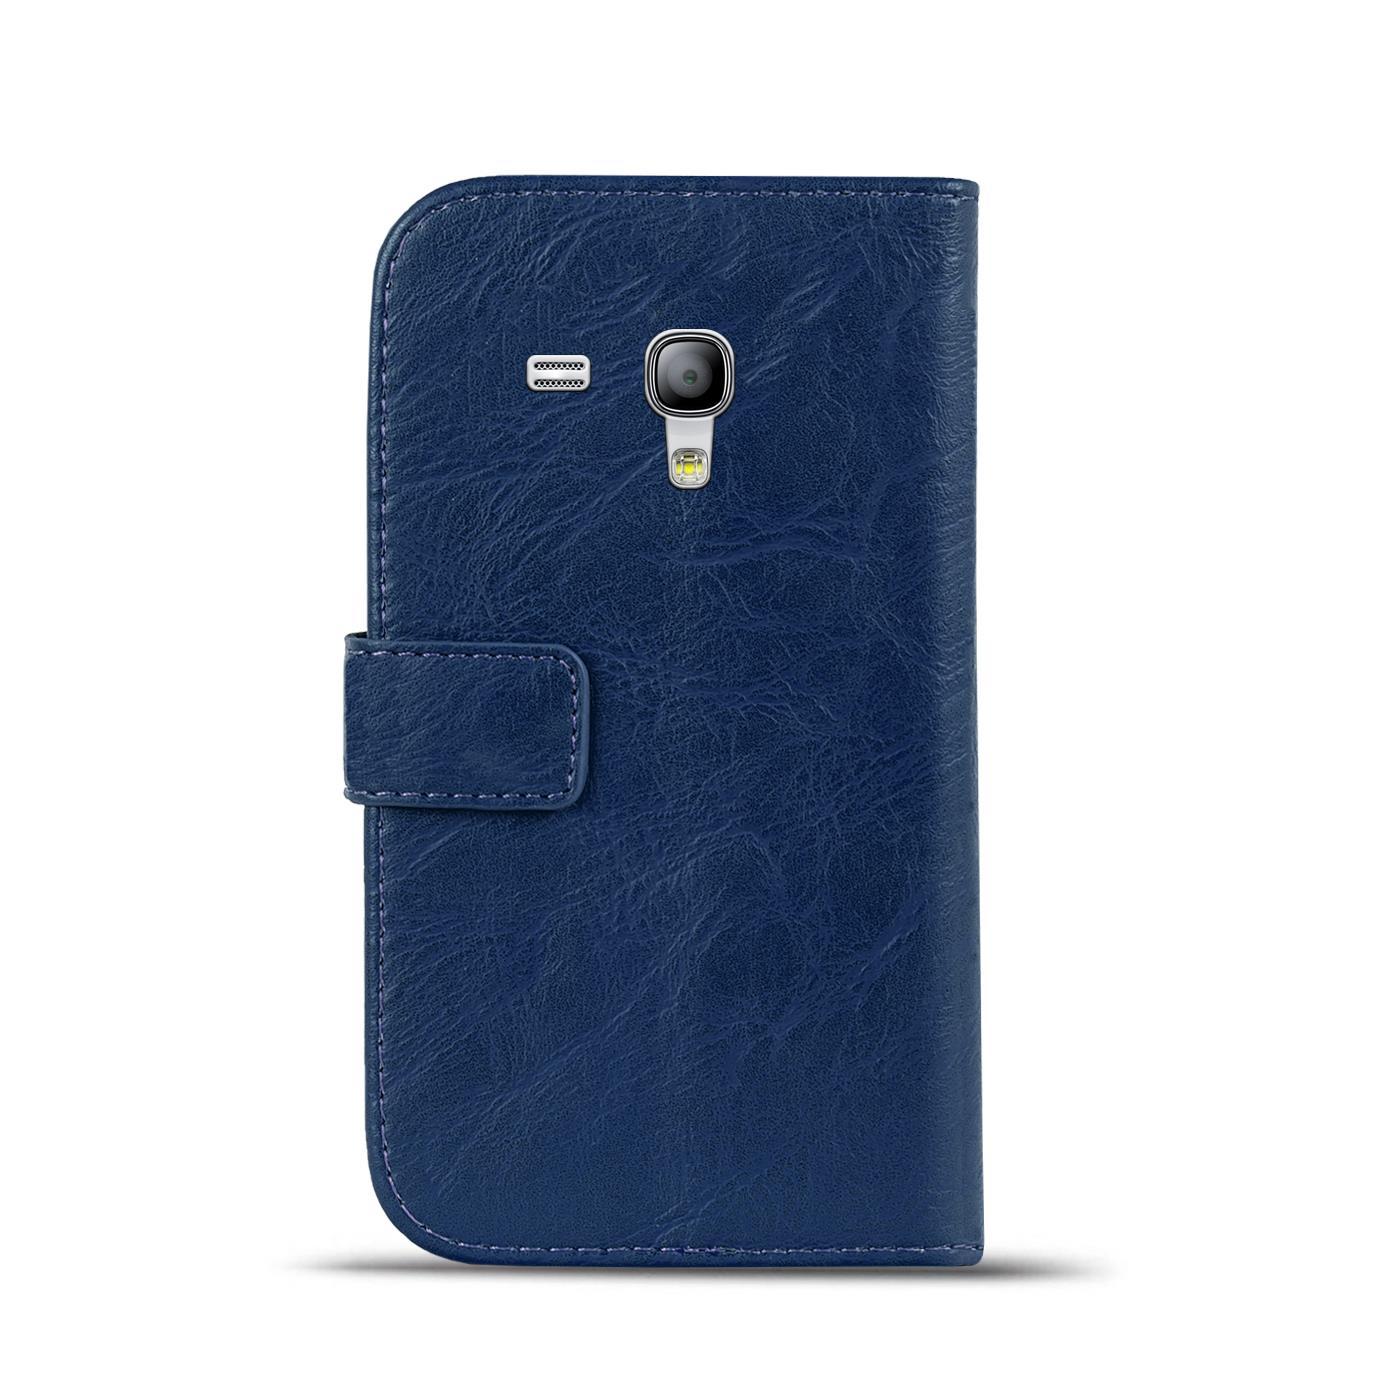 Klapphuelle-Samsung-Galaxy-S3-Mini-Huelle-Schutzhuelle-Wallet-Cover-Flip-Case Indexbild 7